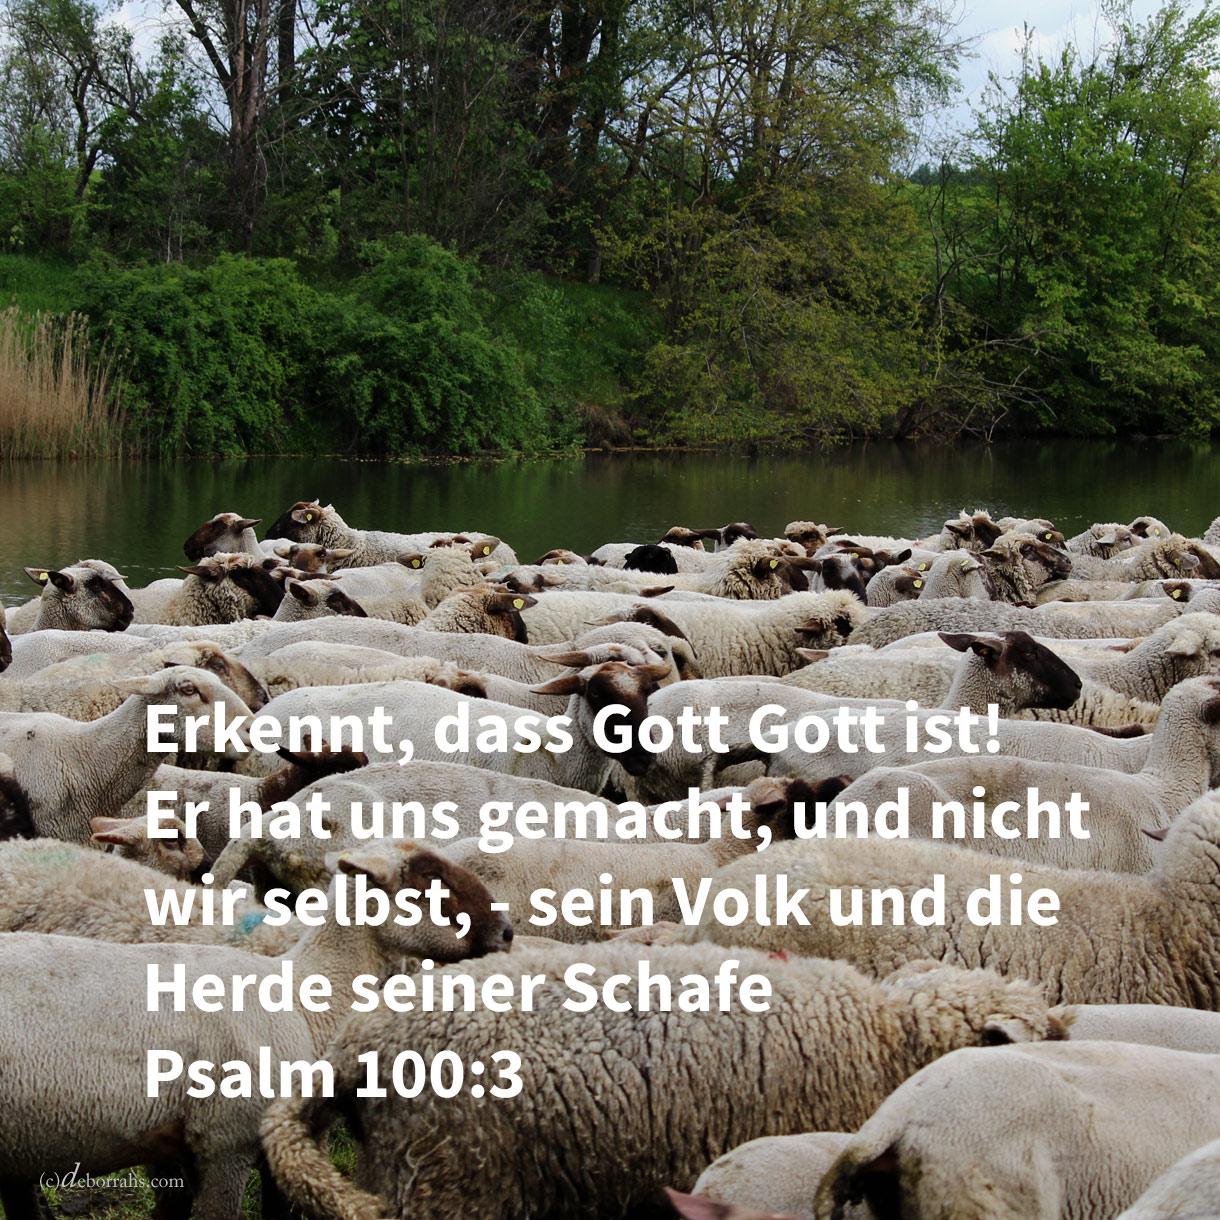 Erkennet, dass jehova Gott ist! Er hat uns gemacht, und nicht wir selbst, - sein Volk und die Herde seiner Weide ( Psalm 100,3 )